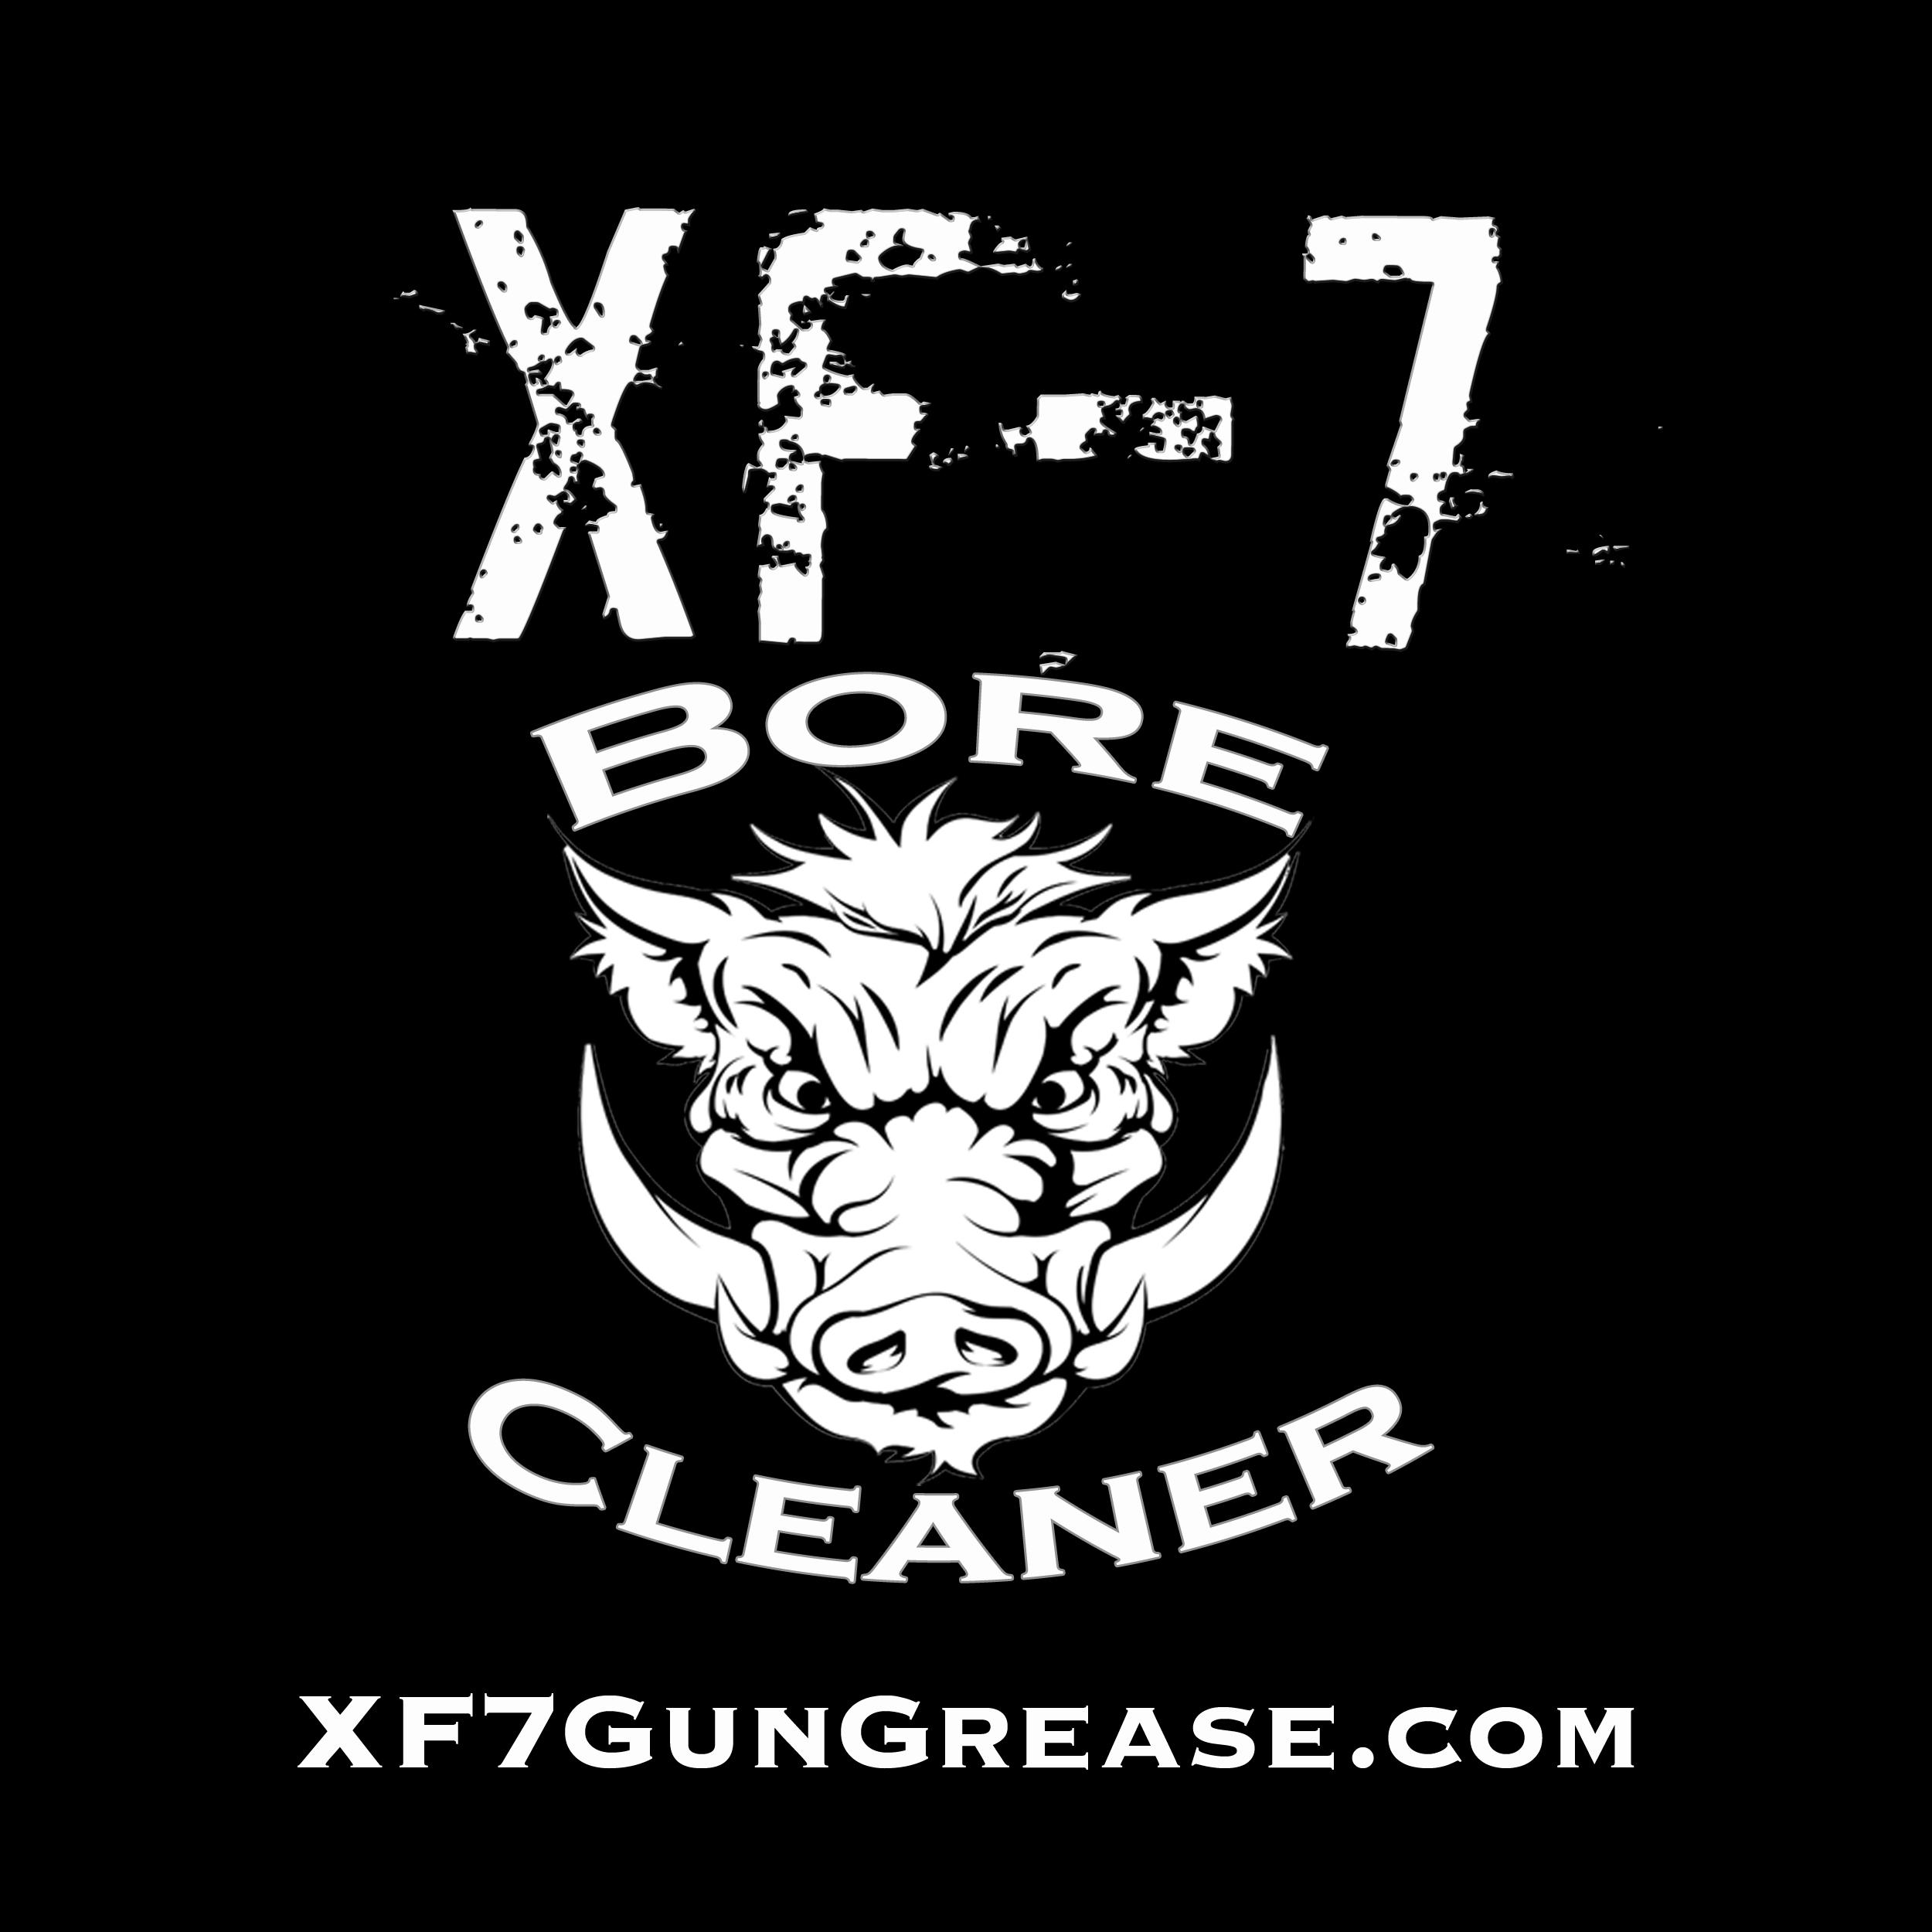 XF-7 Gun Grease